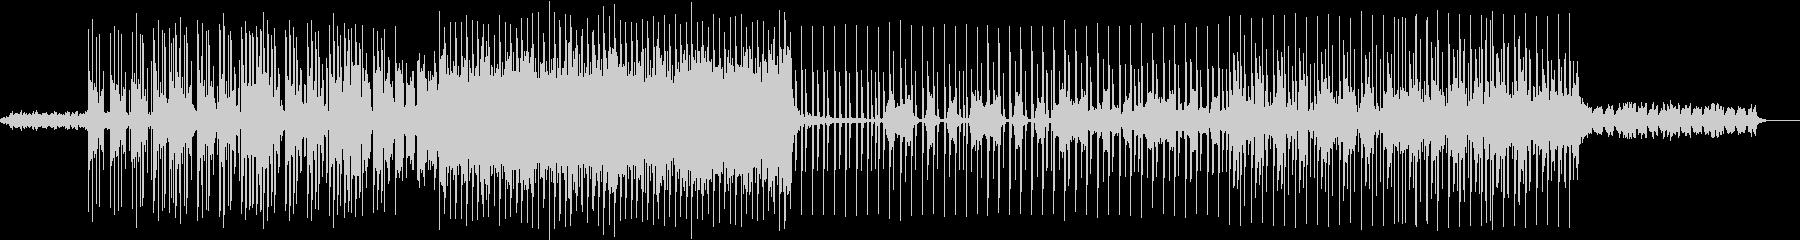 近未来的 オシャレでスタイリッシュの未再生の波形